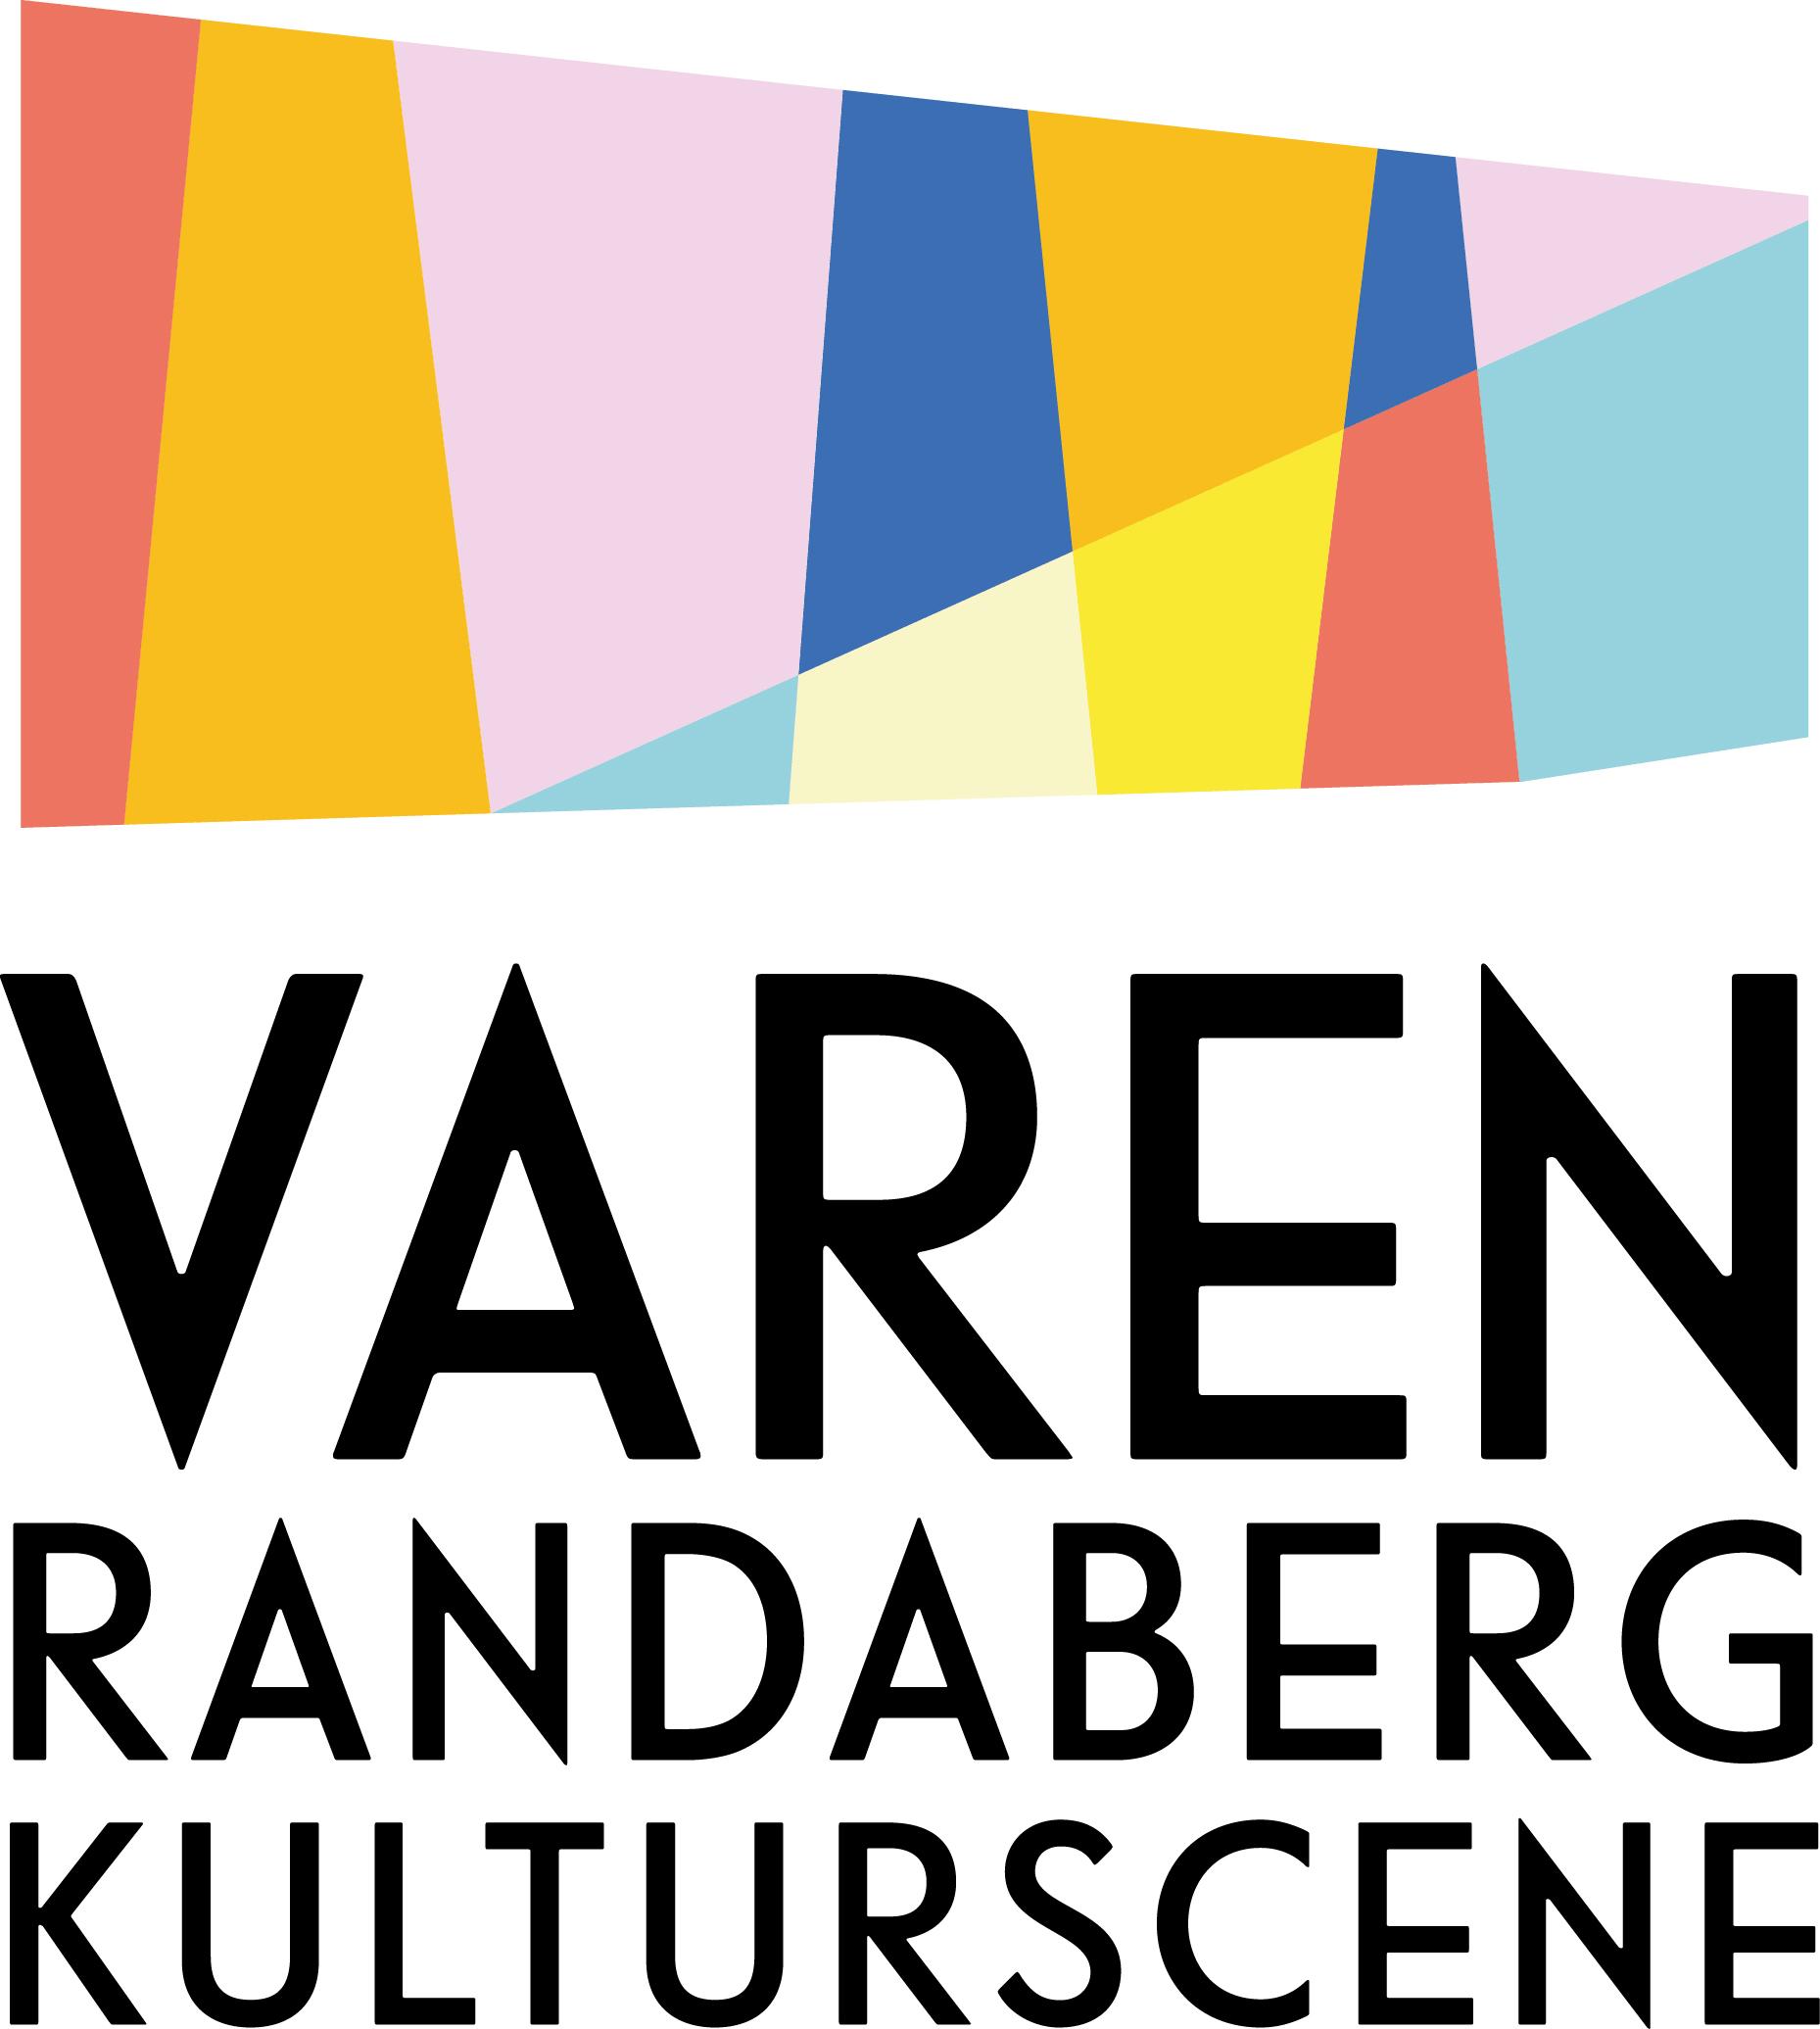 logo VAREN Randaberg kulturscene